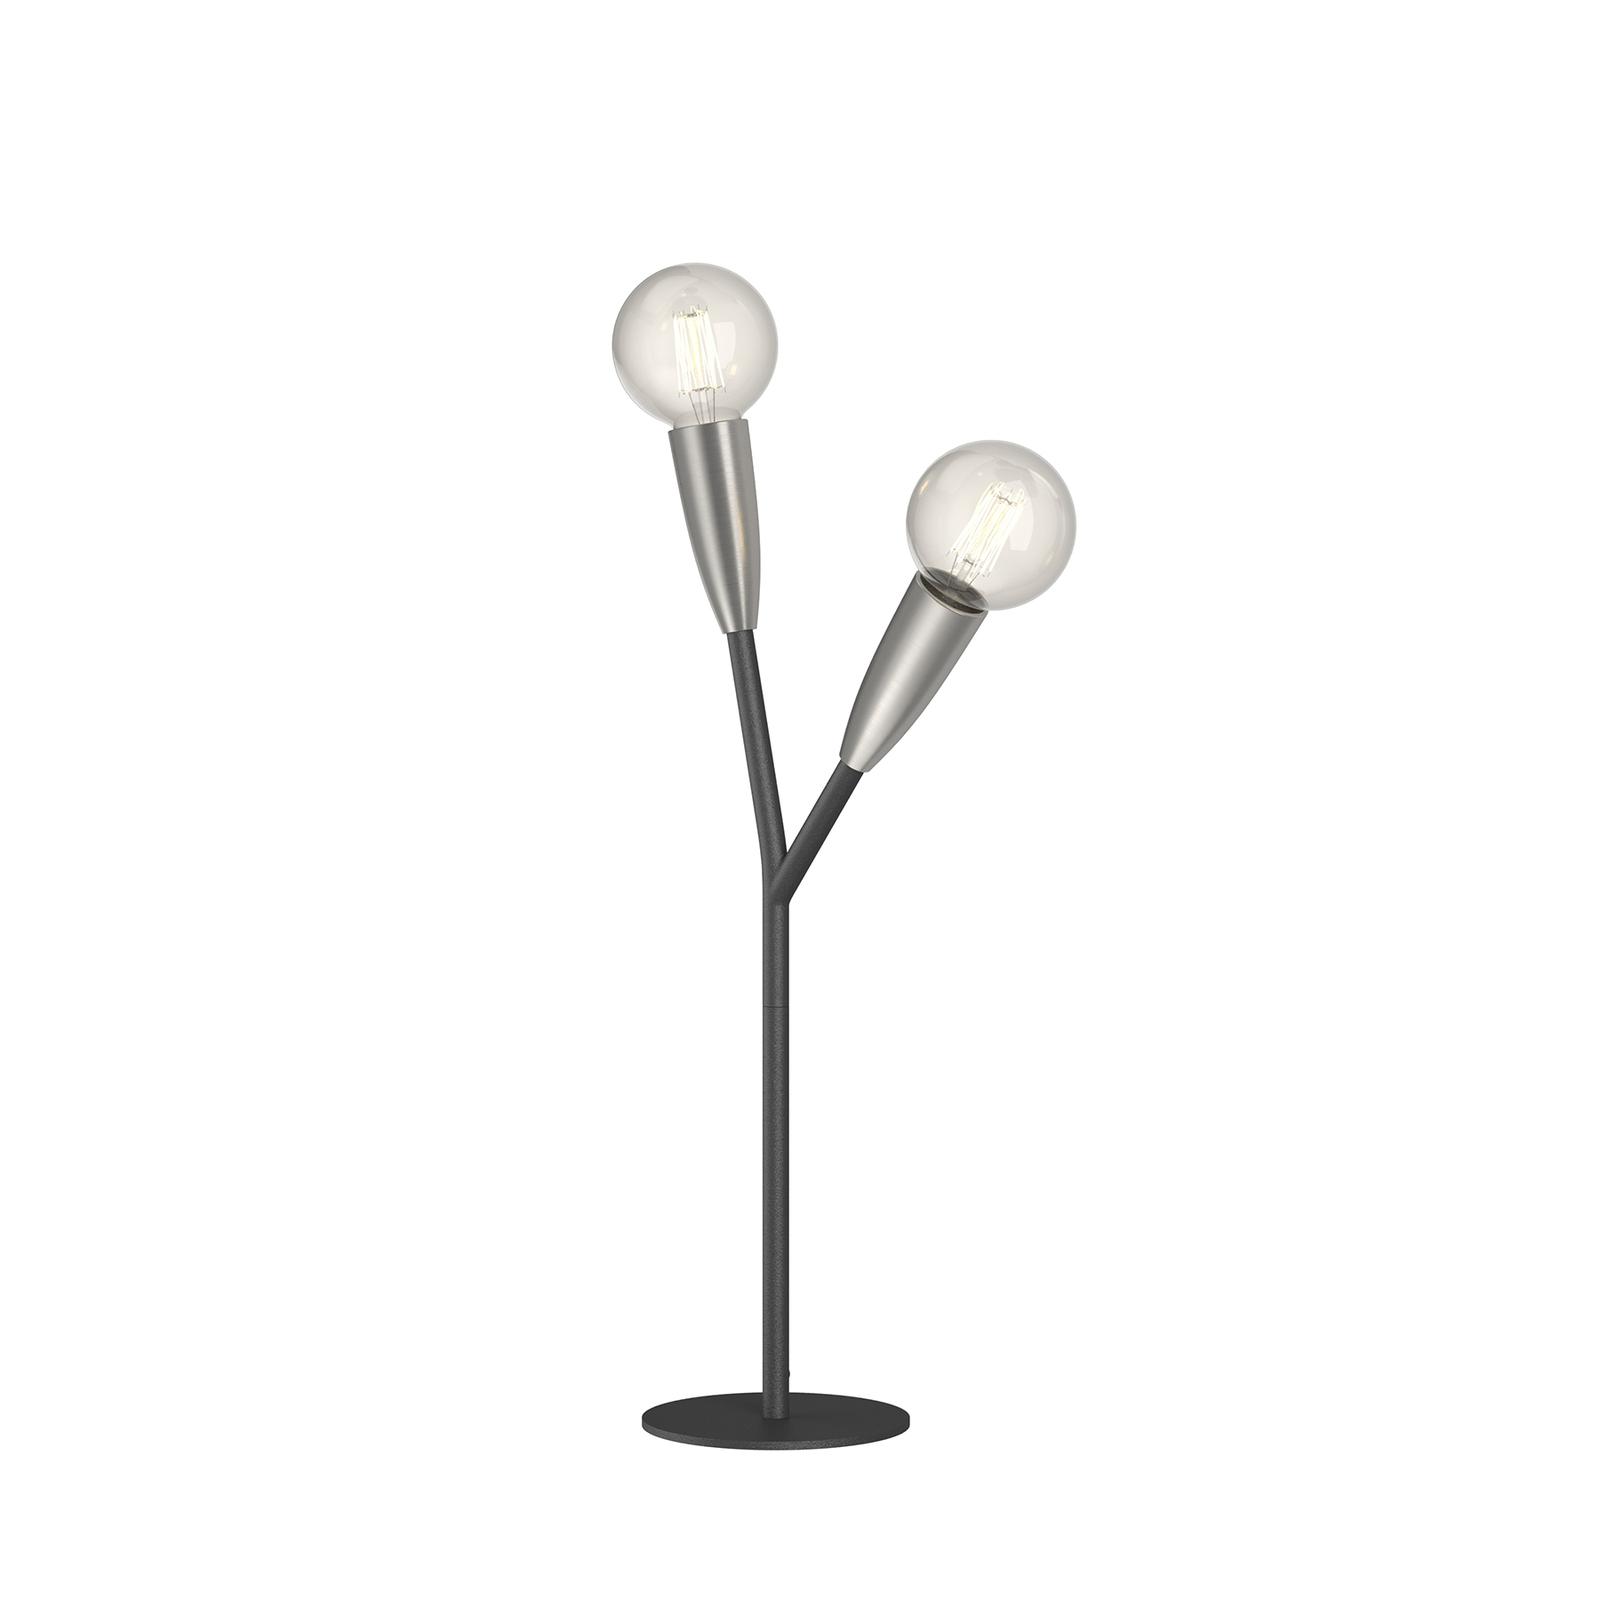 Lucande Carlea Tischlampe, 2-fl., schwarz-nickel